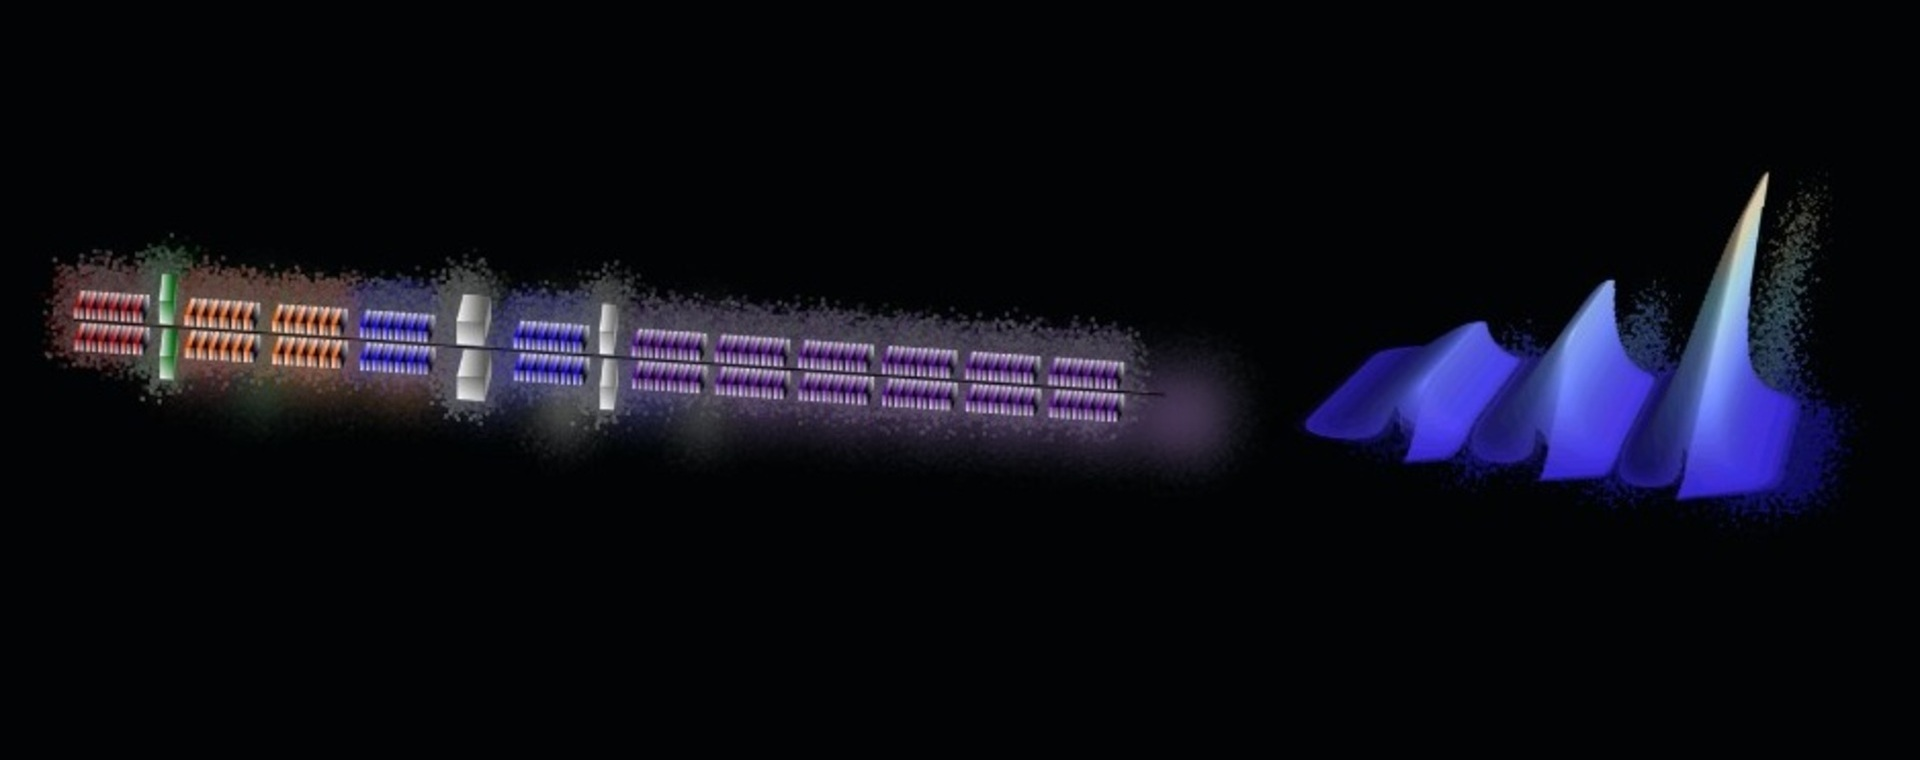 Impulsi luminosi ultra-brevi: un esperimento del laboratorio FERMI apre alla comprensione dei processi di fotoconversione per la produzione di energia pulita